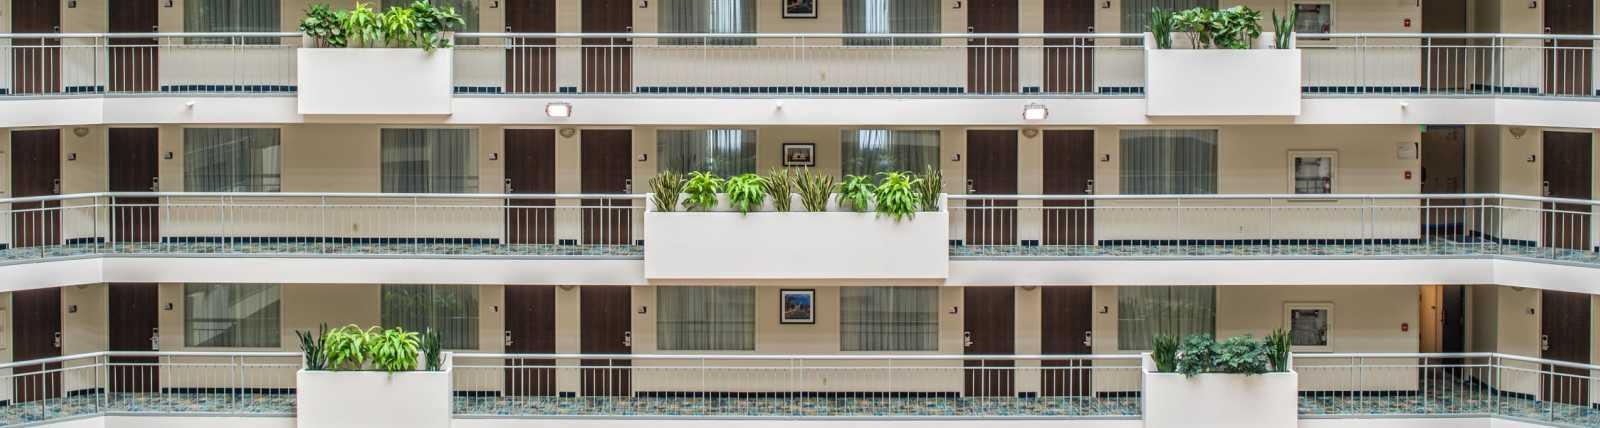 Newly transformed atrium